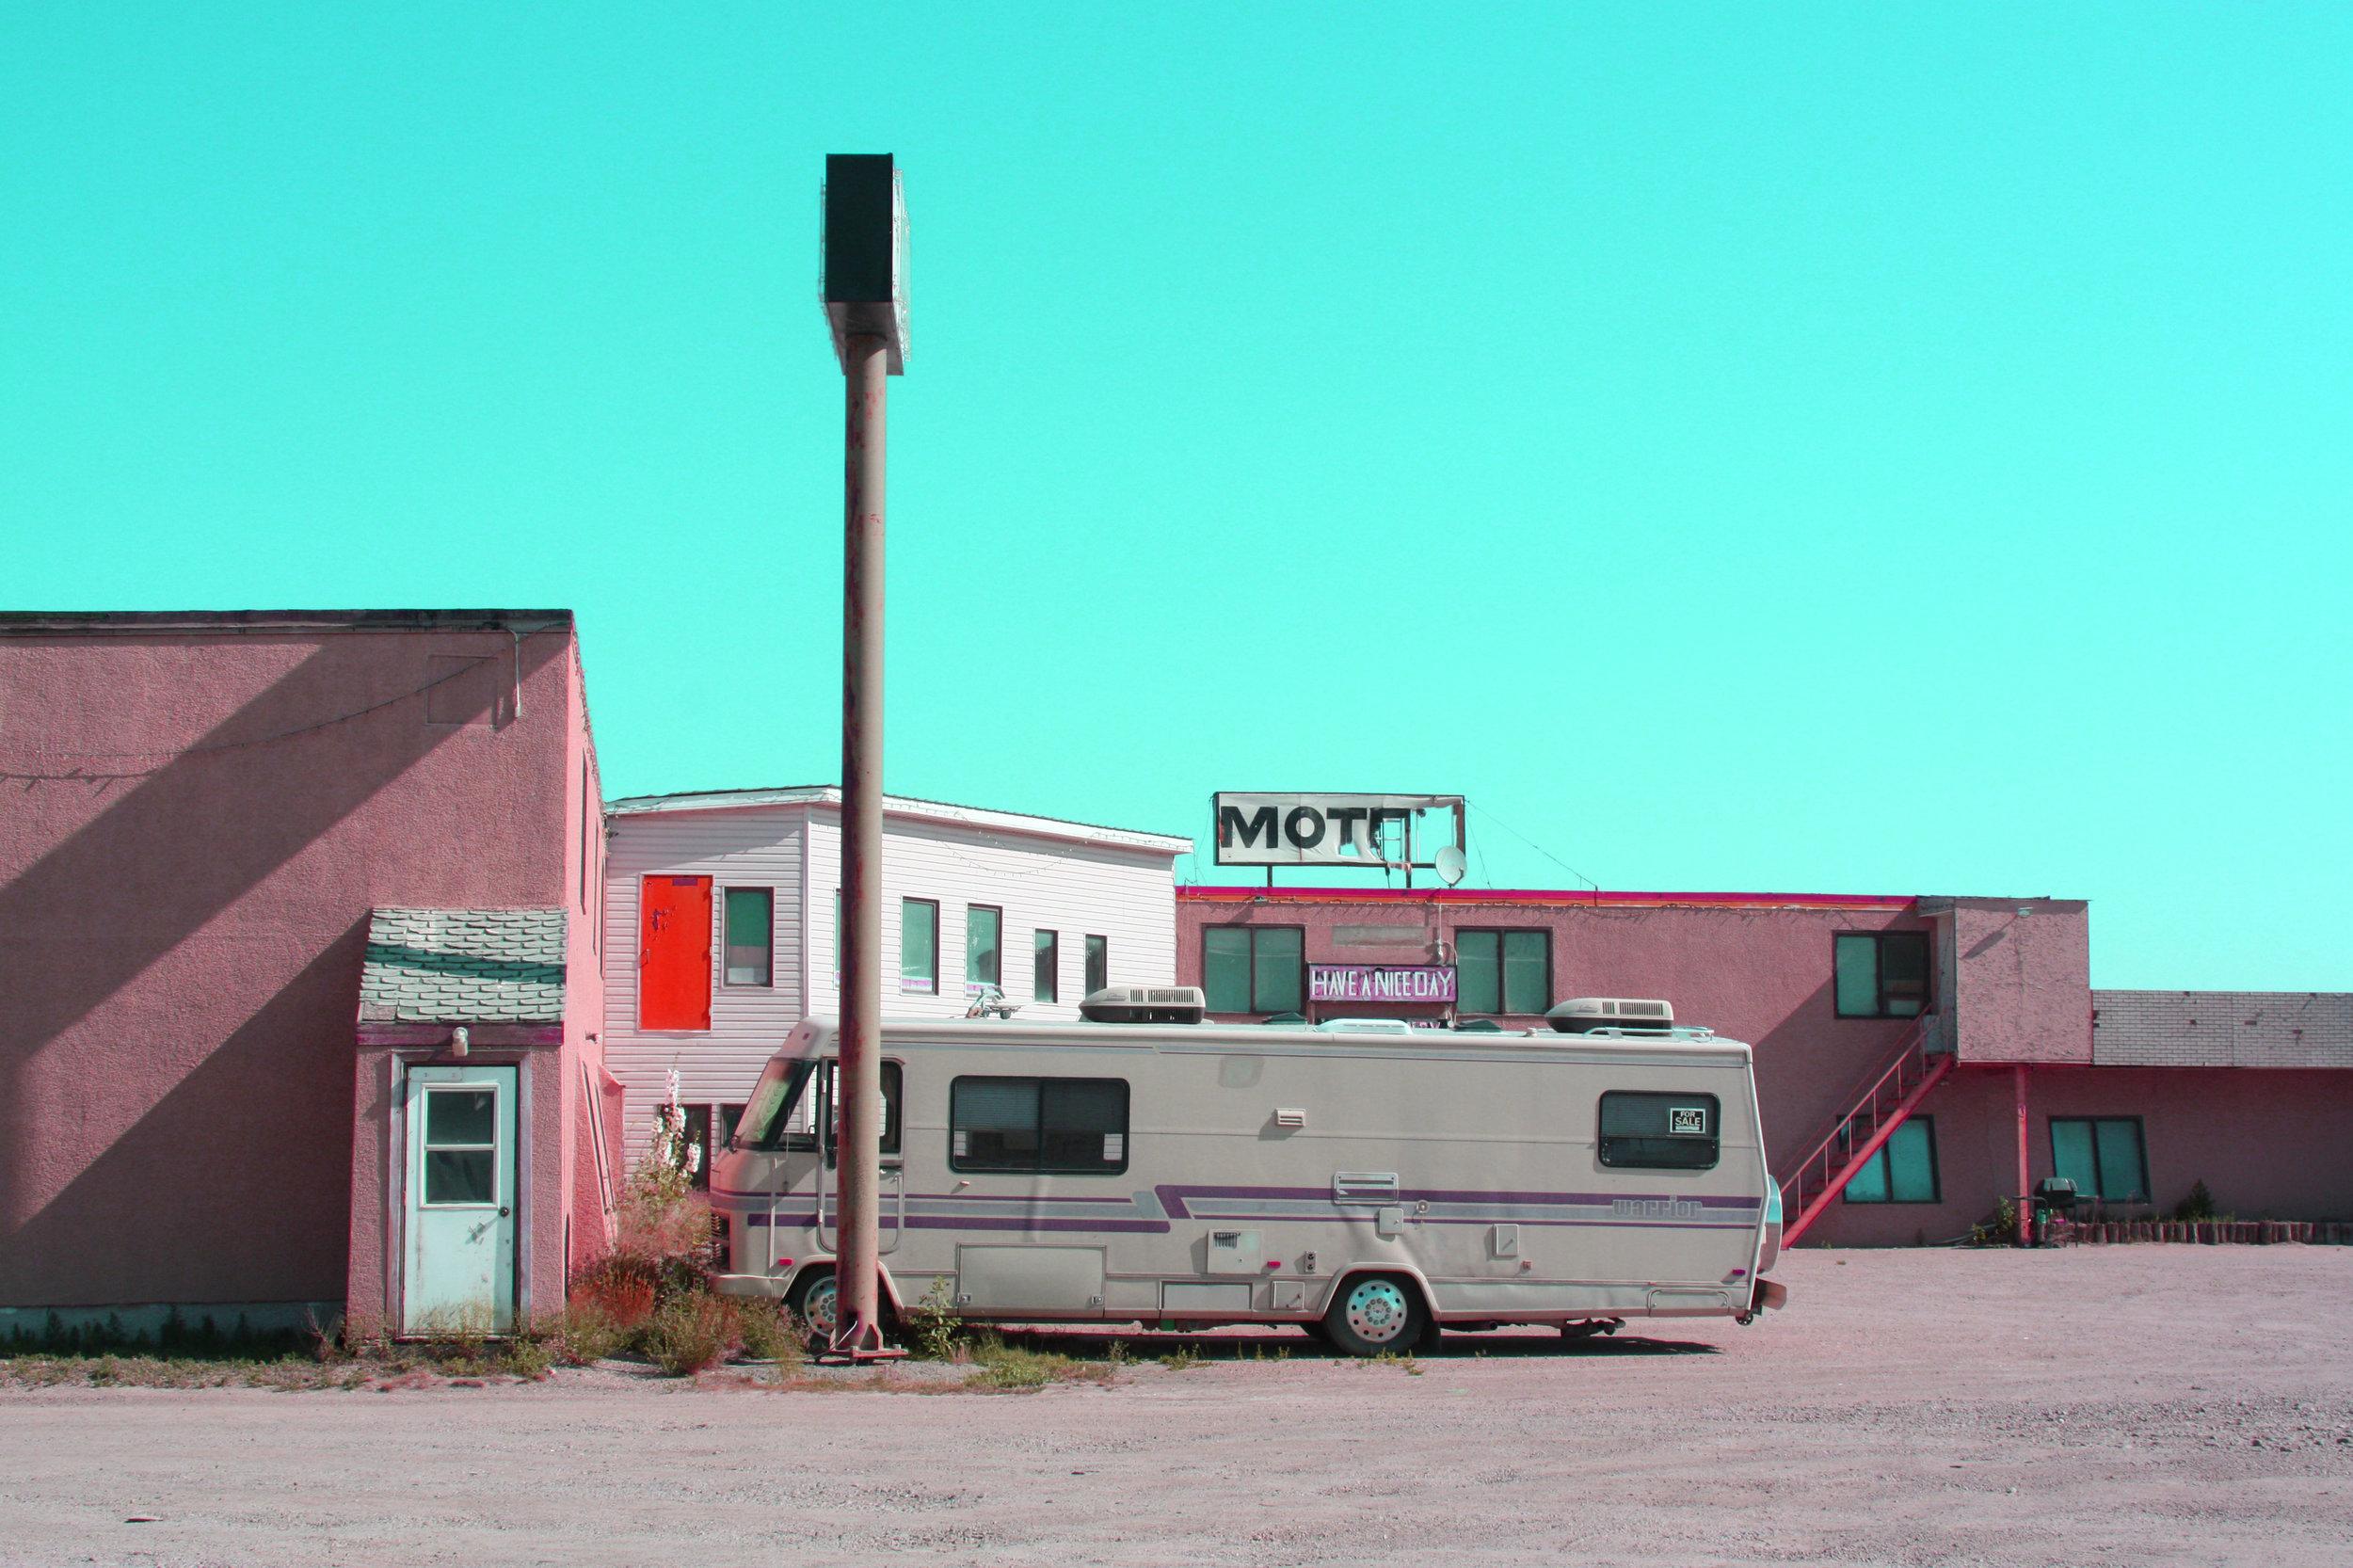 Day 1; Murder Motel (Saskatchewan/ Alberta boarder)